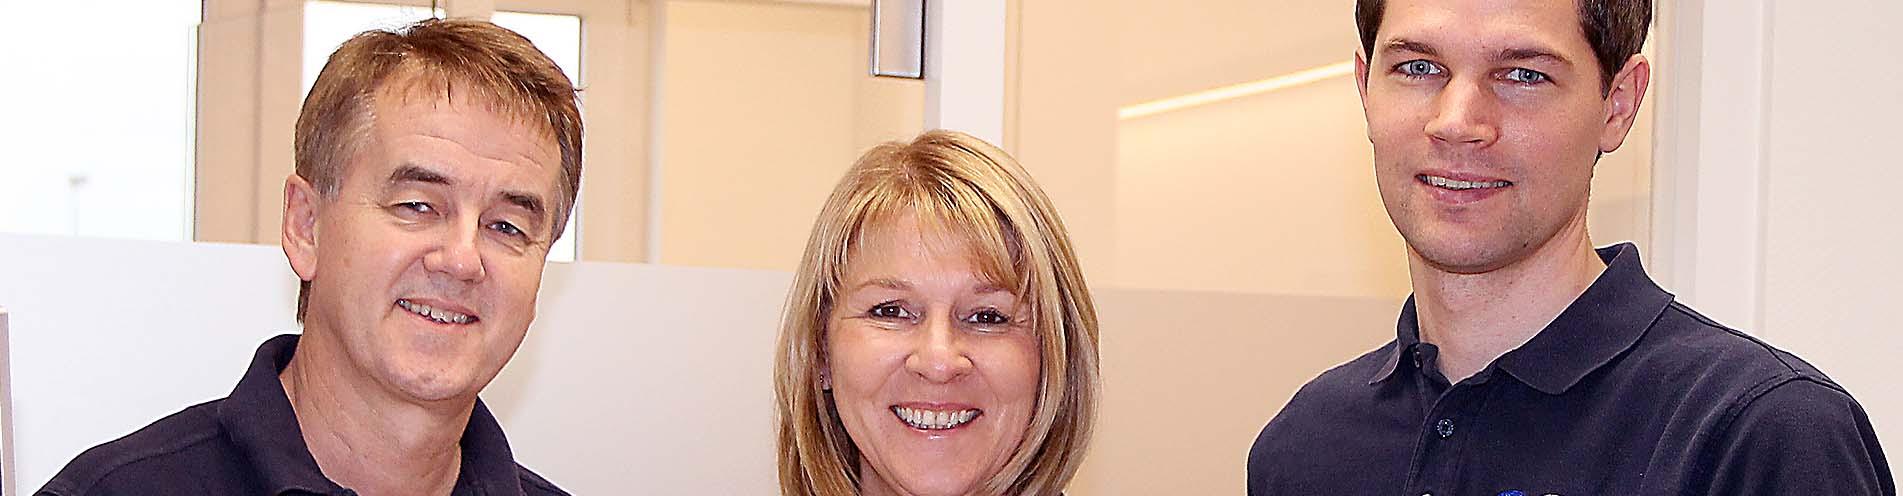 Wir sind Ihr Zahnarzt in Hofgeismar für den Raum Kassel bis Göttingen. Wir sind spezialisiert auf Zahnimplantate, Prophylaxe, Narkose und Veneers.